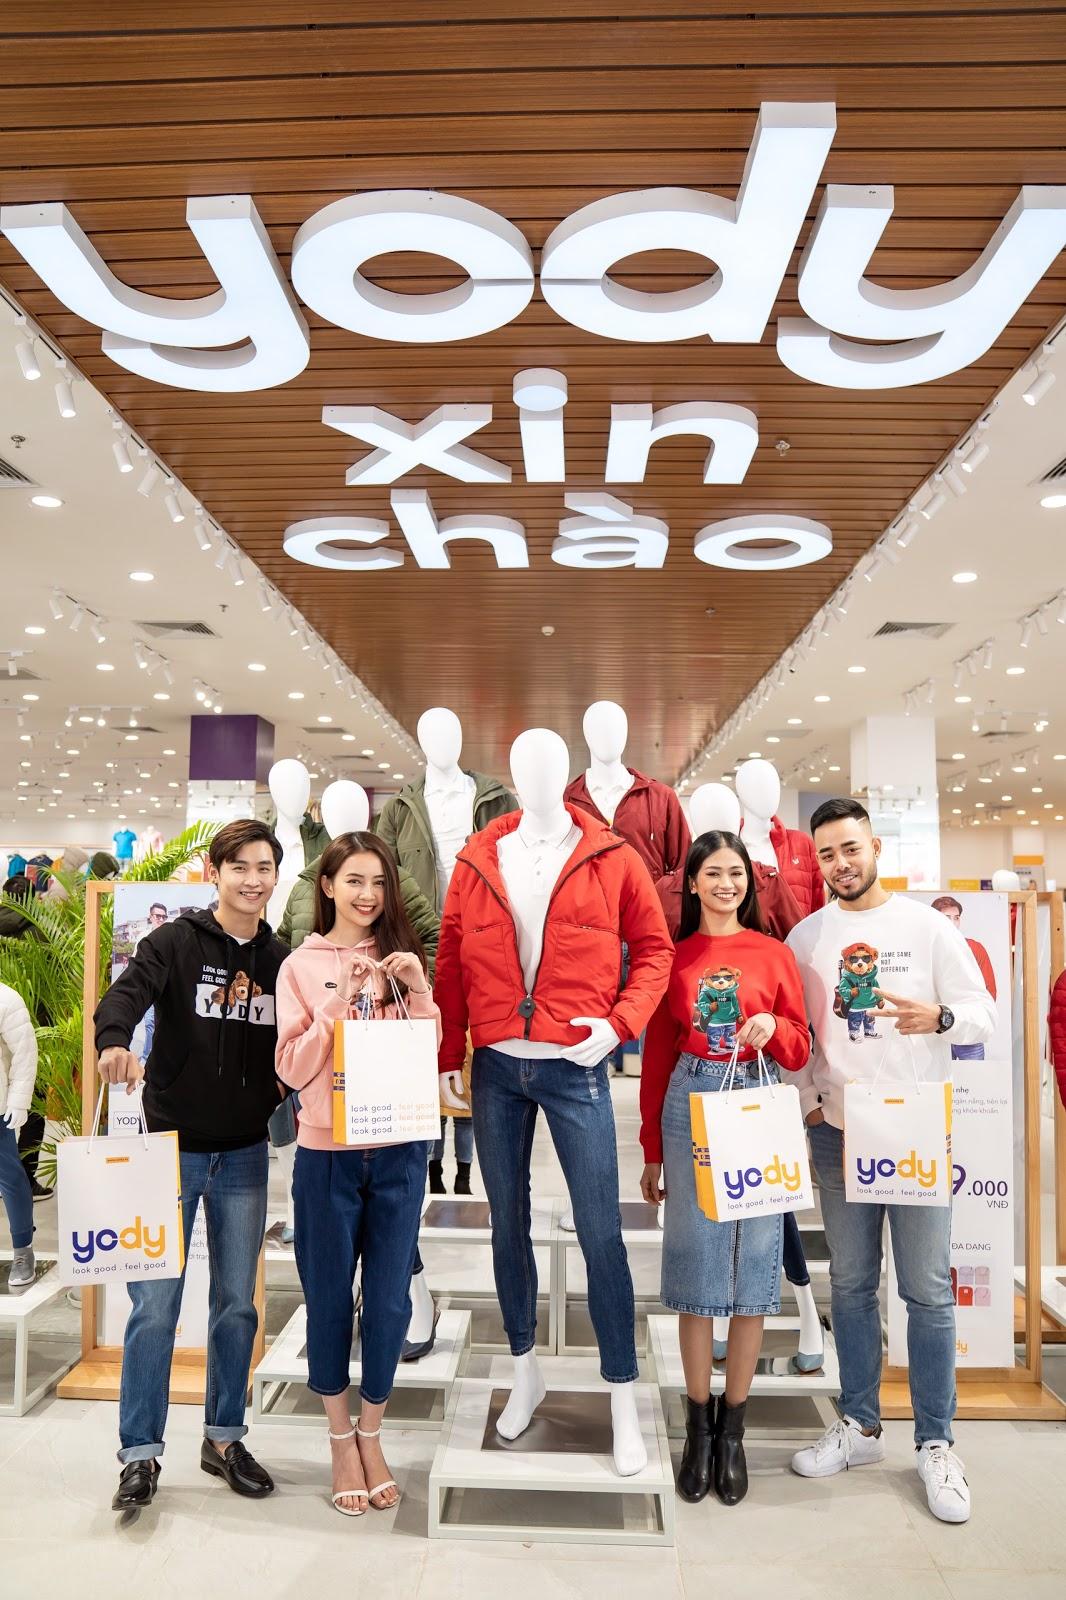 YODY xây dựng thương hiệu nổi bật với 3 phong cách thời trang